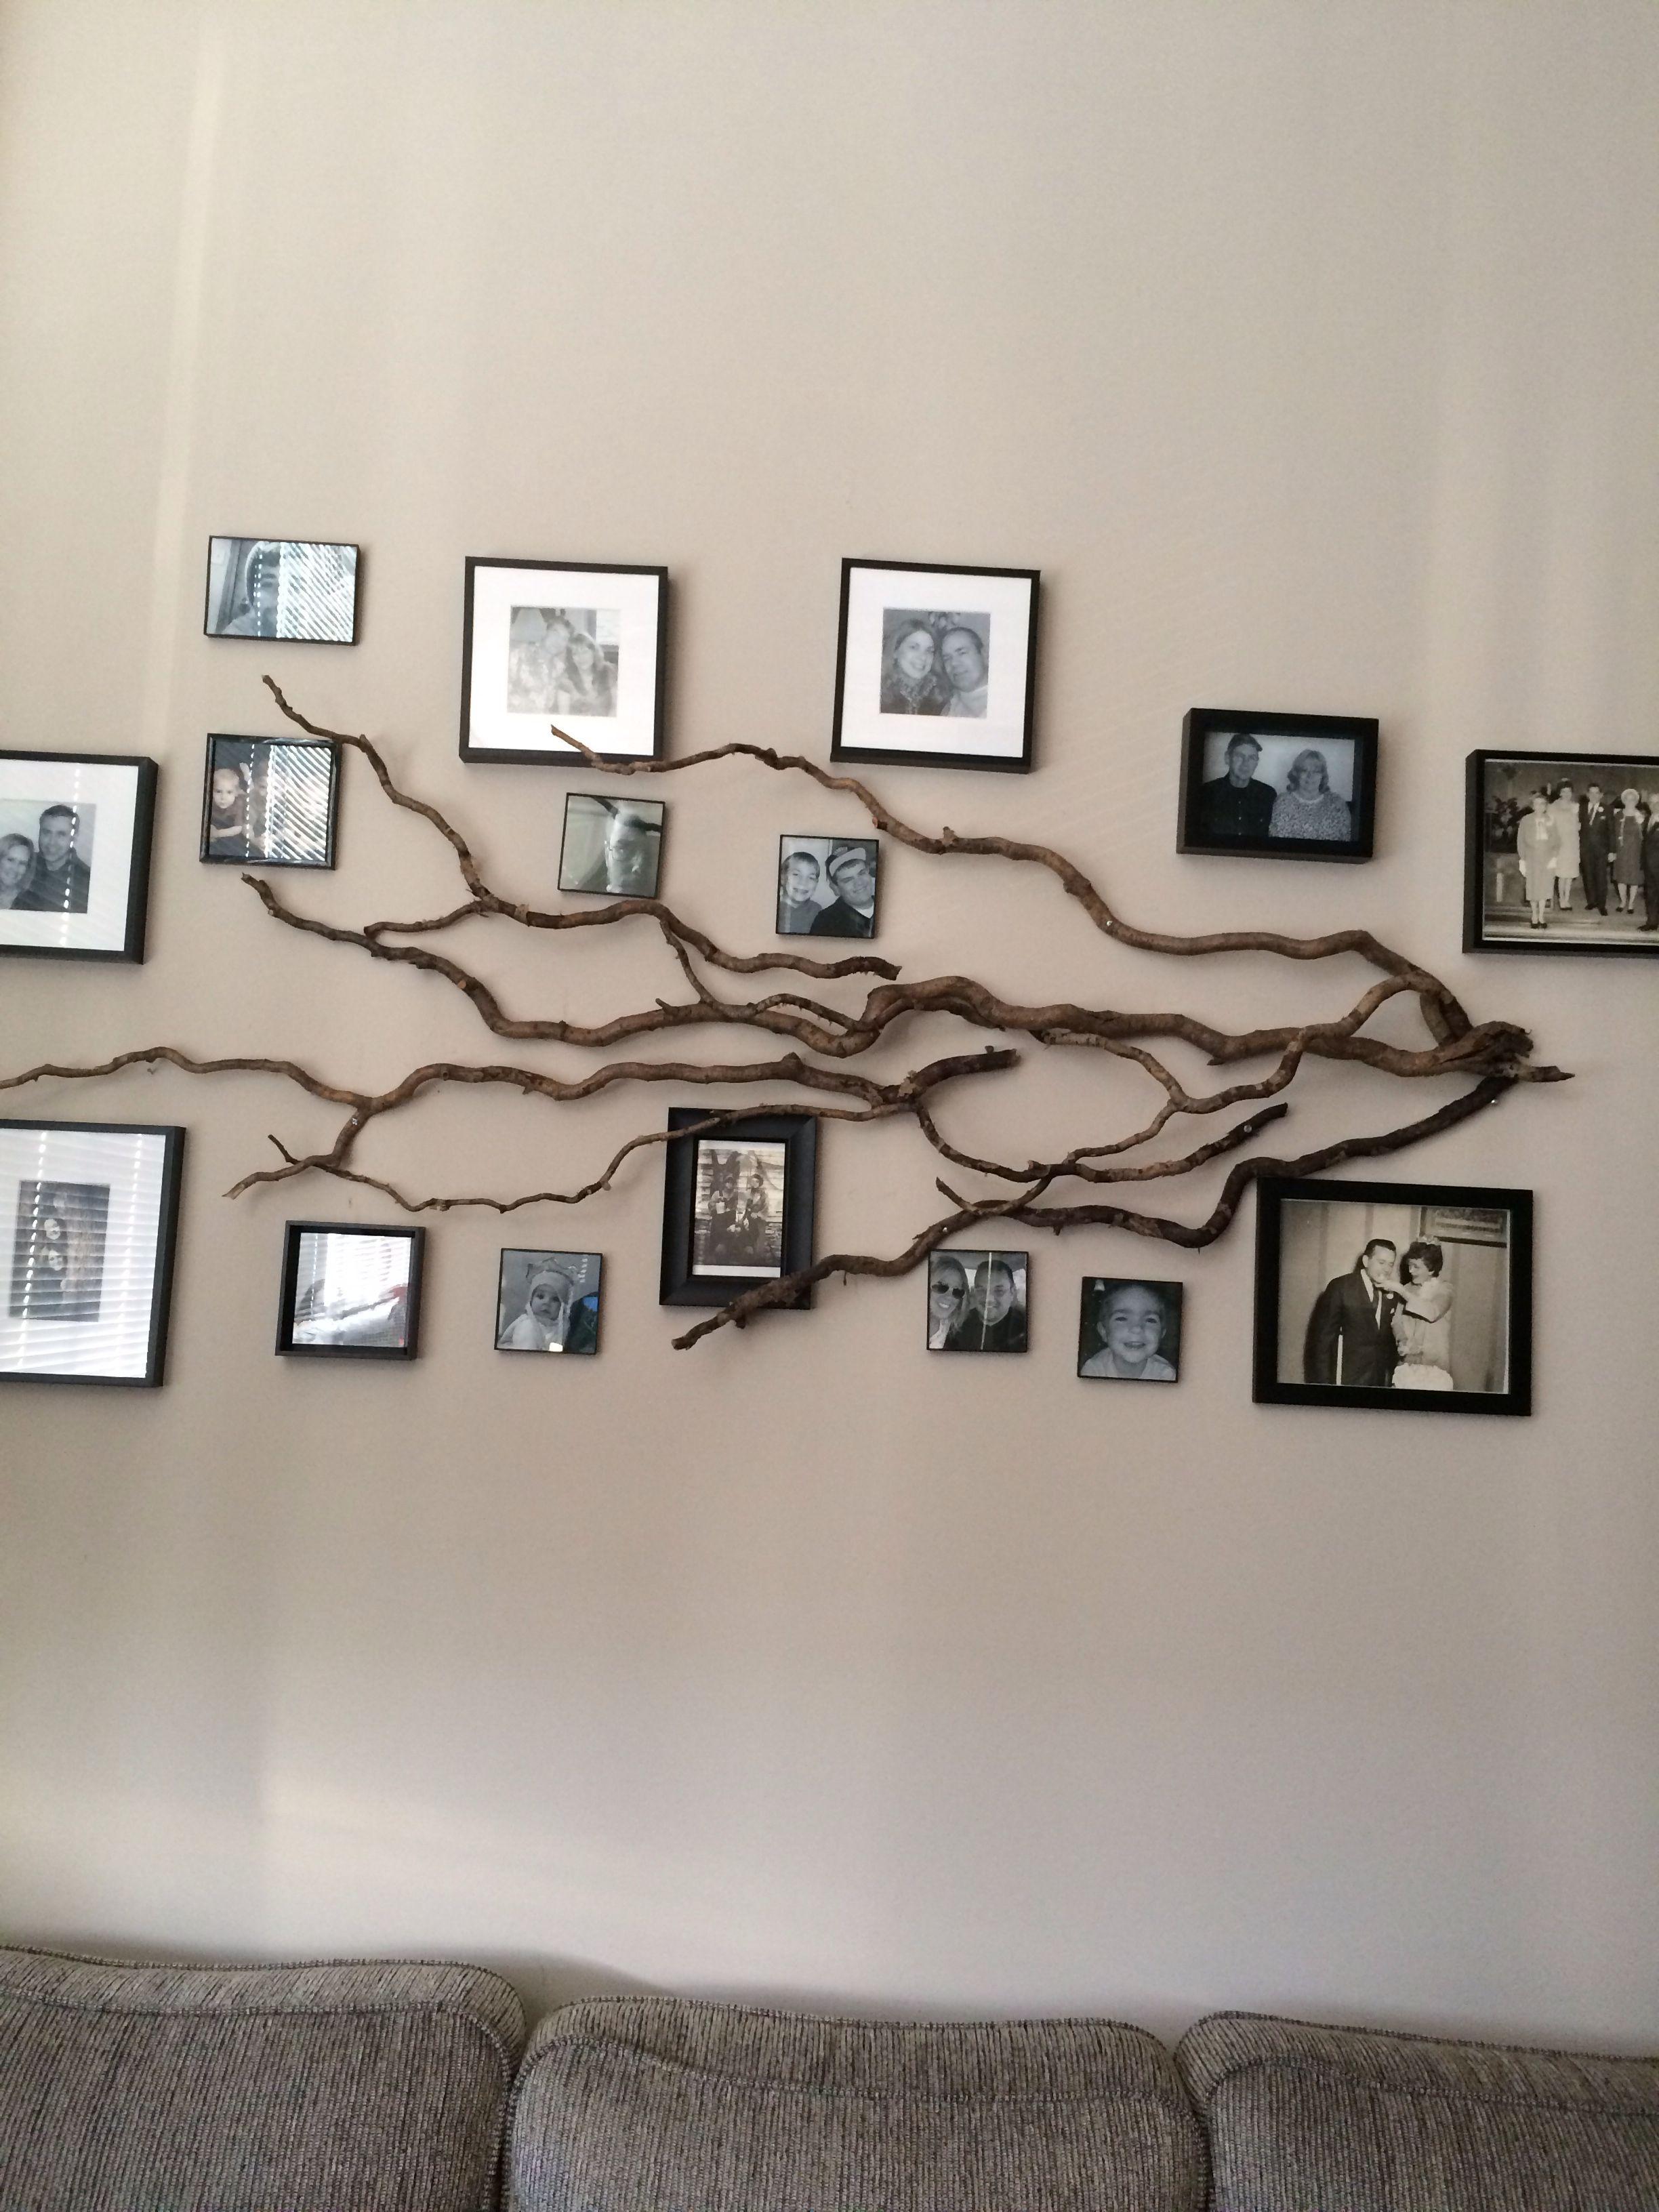 Оригинальное оформление стен фотографиями